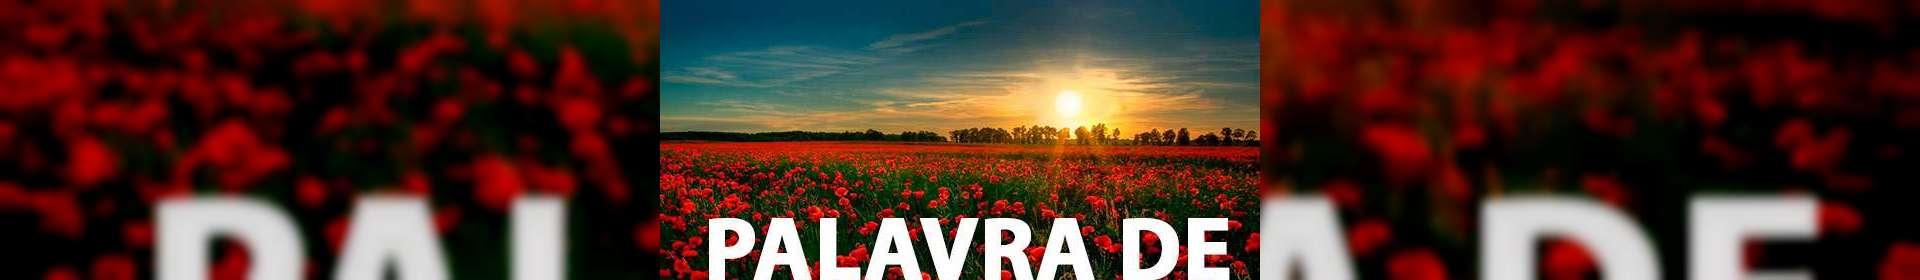 Salmos 118:20 - Uma Palavra de Esperança para sua vida